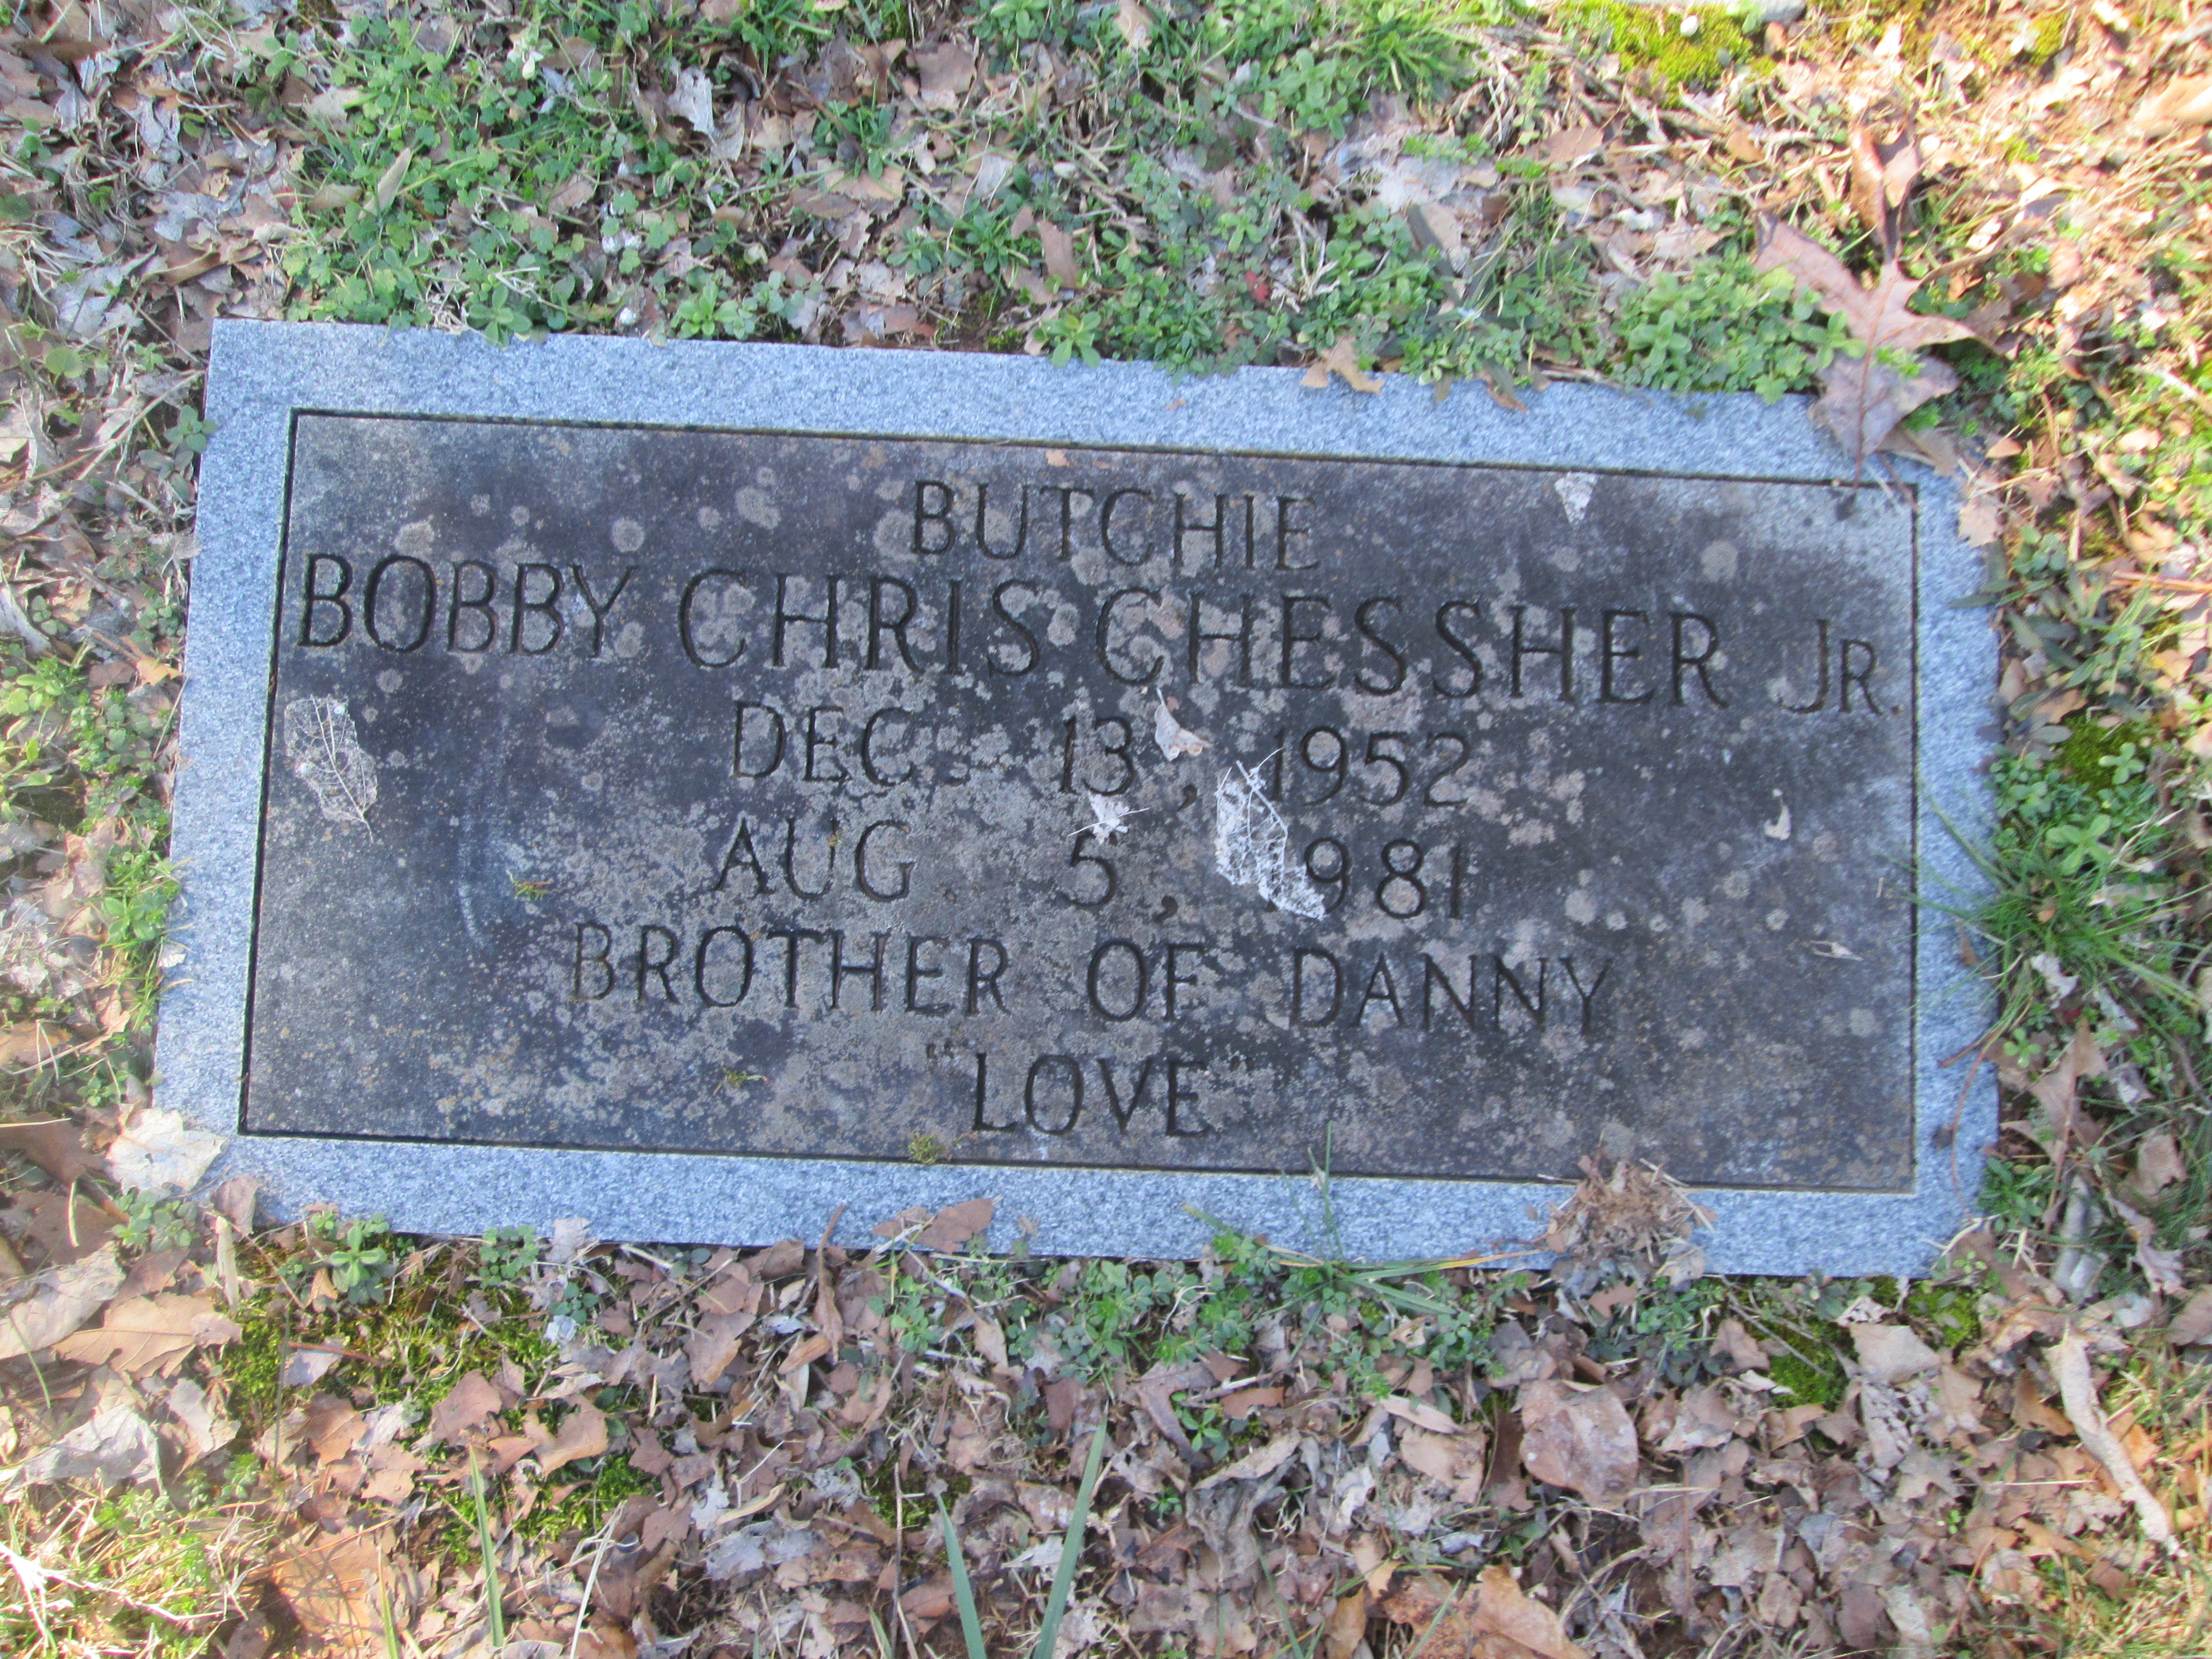 Bobby Chris Chessher, Jr